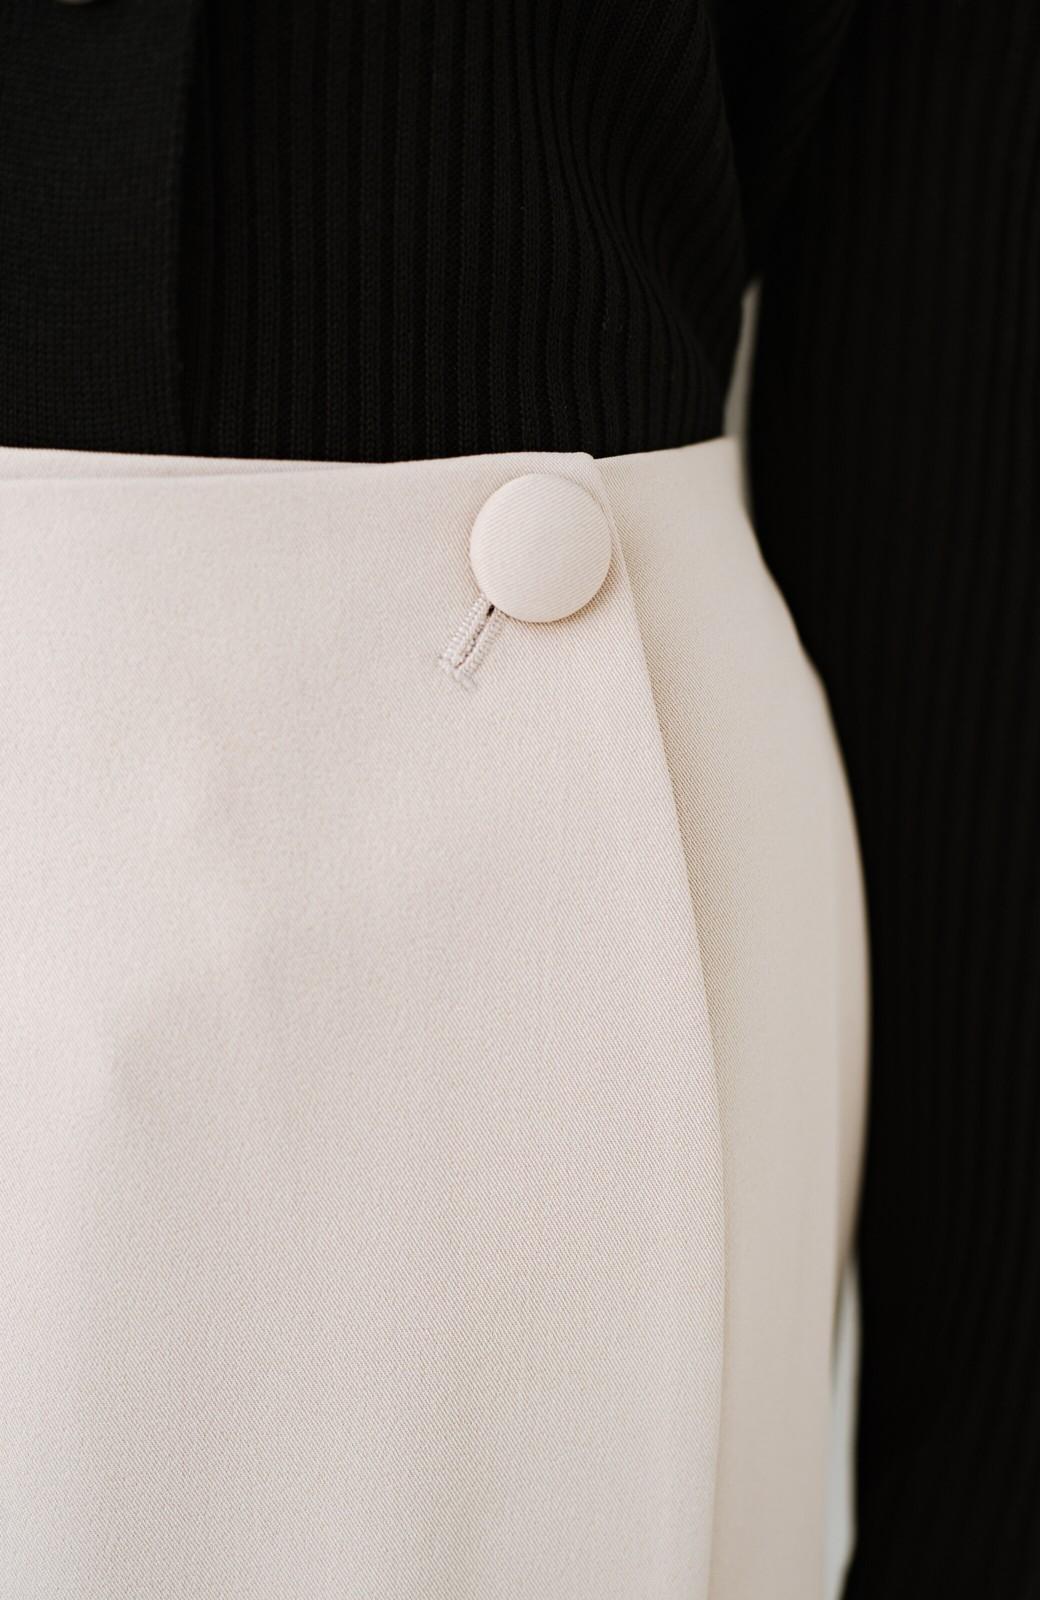 haco! いざというとき困らないための 大人のフォーマルジャケット・パンツ・スカート3点セット by que made me <ベージュ>の商品写真39